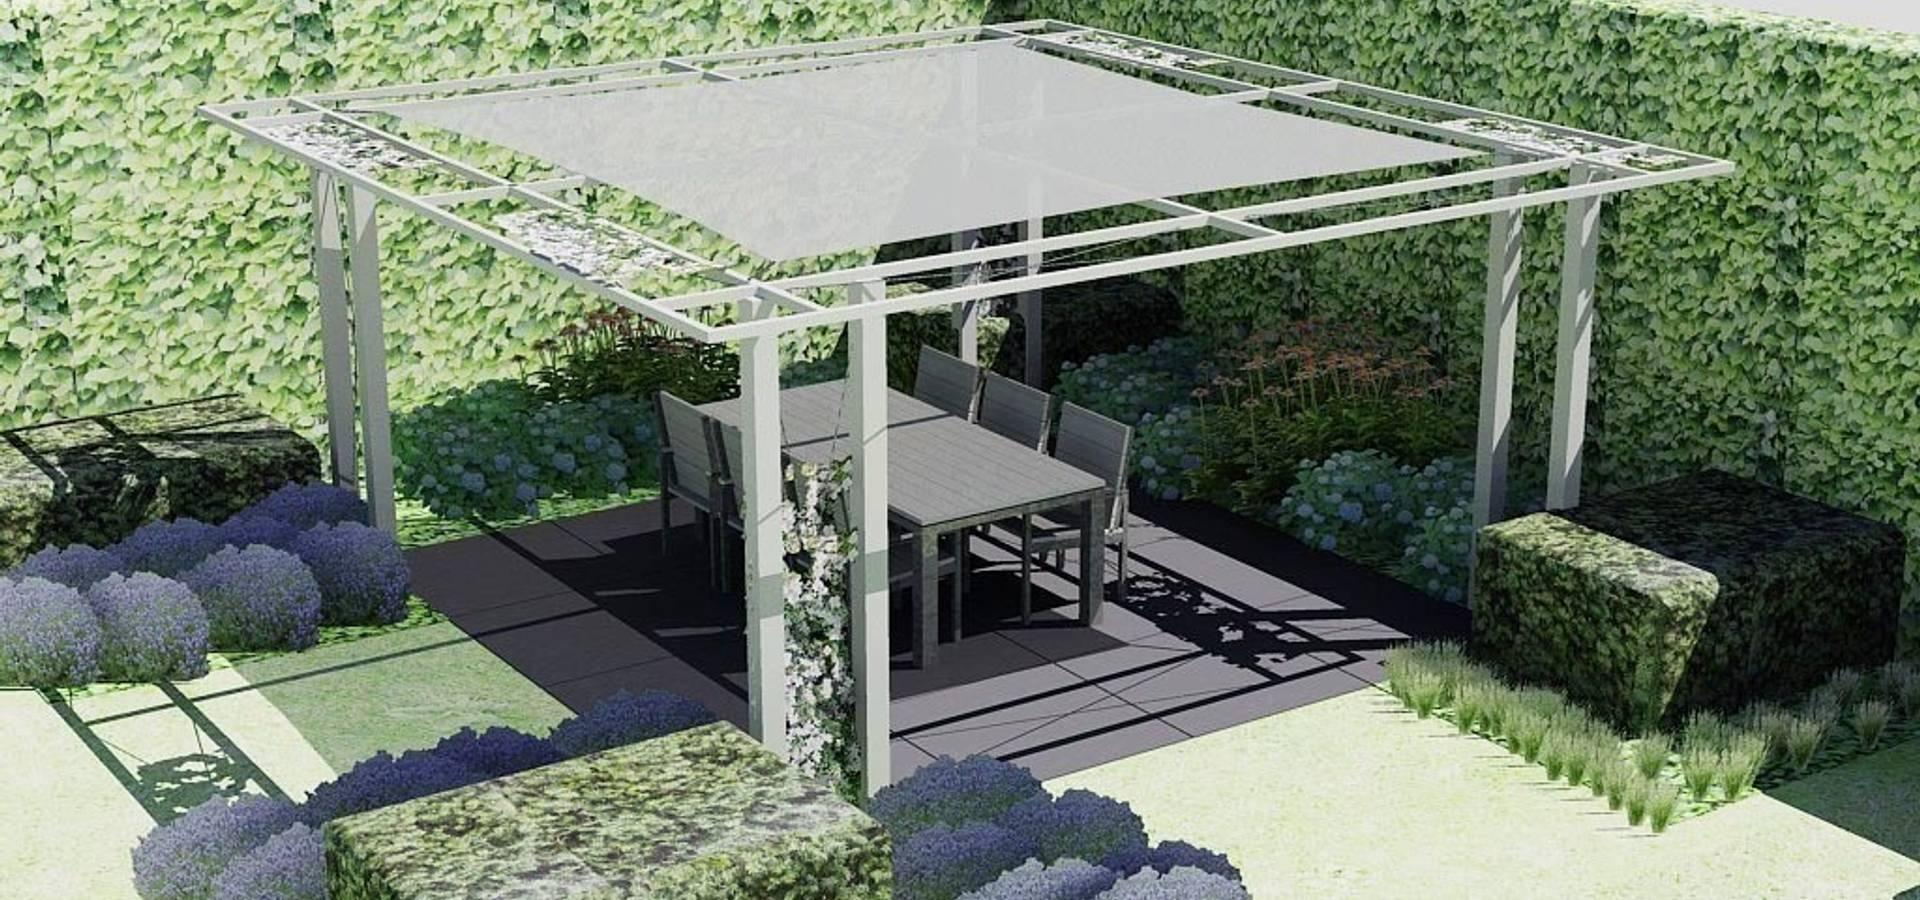 Bladgoud tuinen terrassen patio 39 s overkappingen in heeten homify - Foto pergola ijzer smeden ...